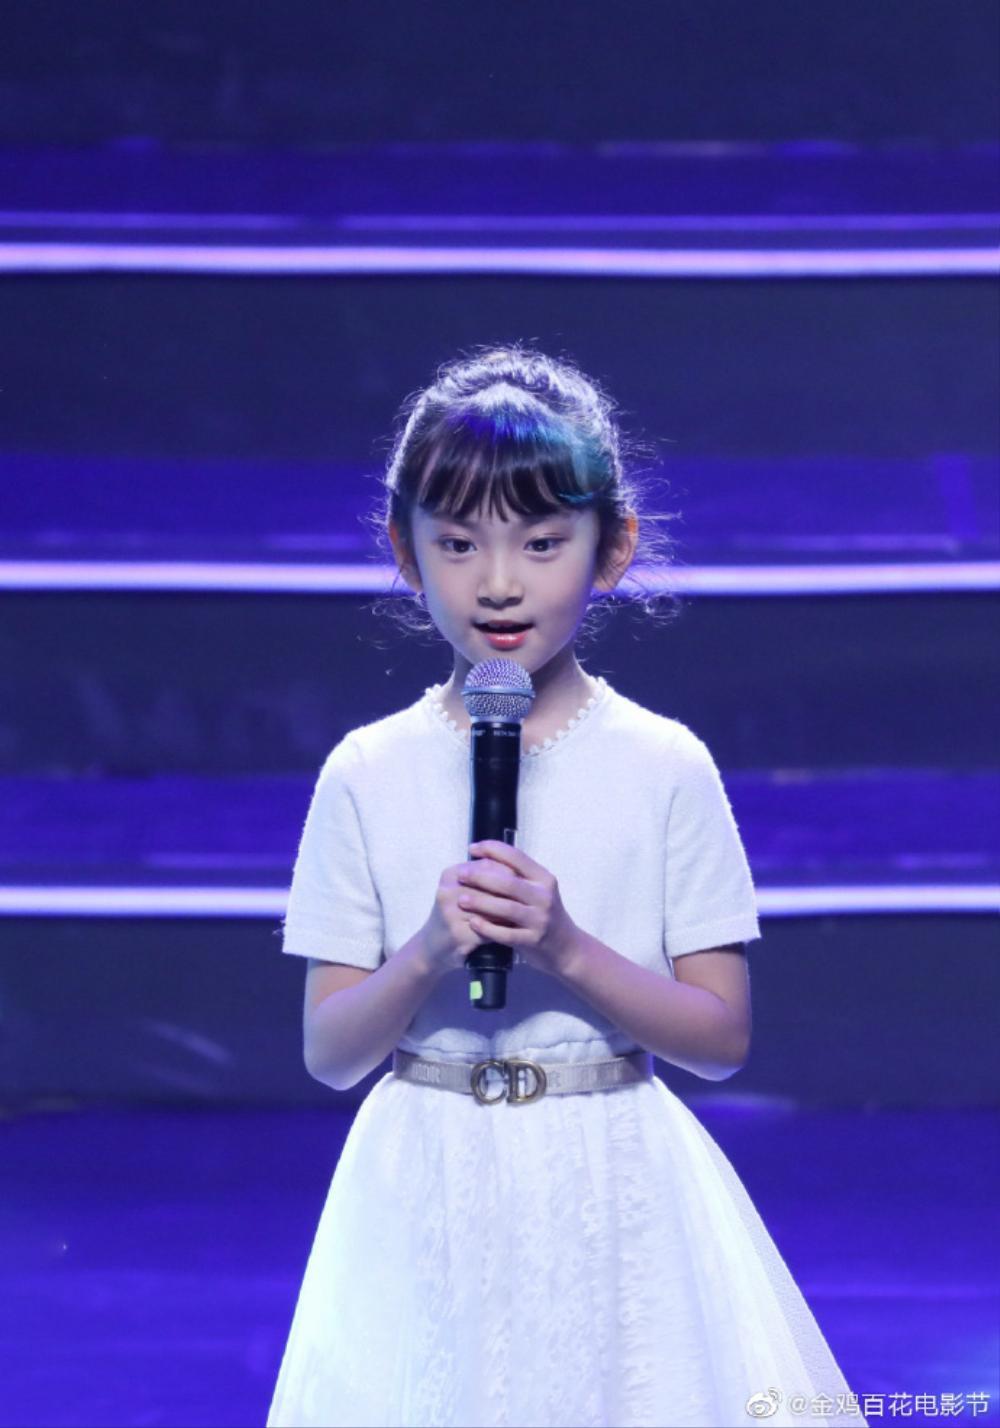 Dịch Dương Thiên Tỉ - Châu Đông Vũ cùng nhận thưởng đề cử, Huỳnh Hiểu Minh phát biểu gây chú ý Ảnh 7